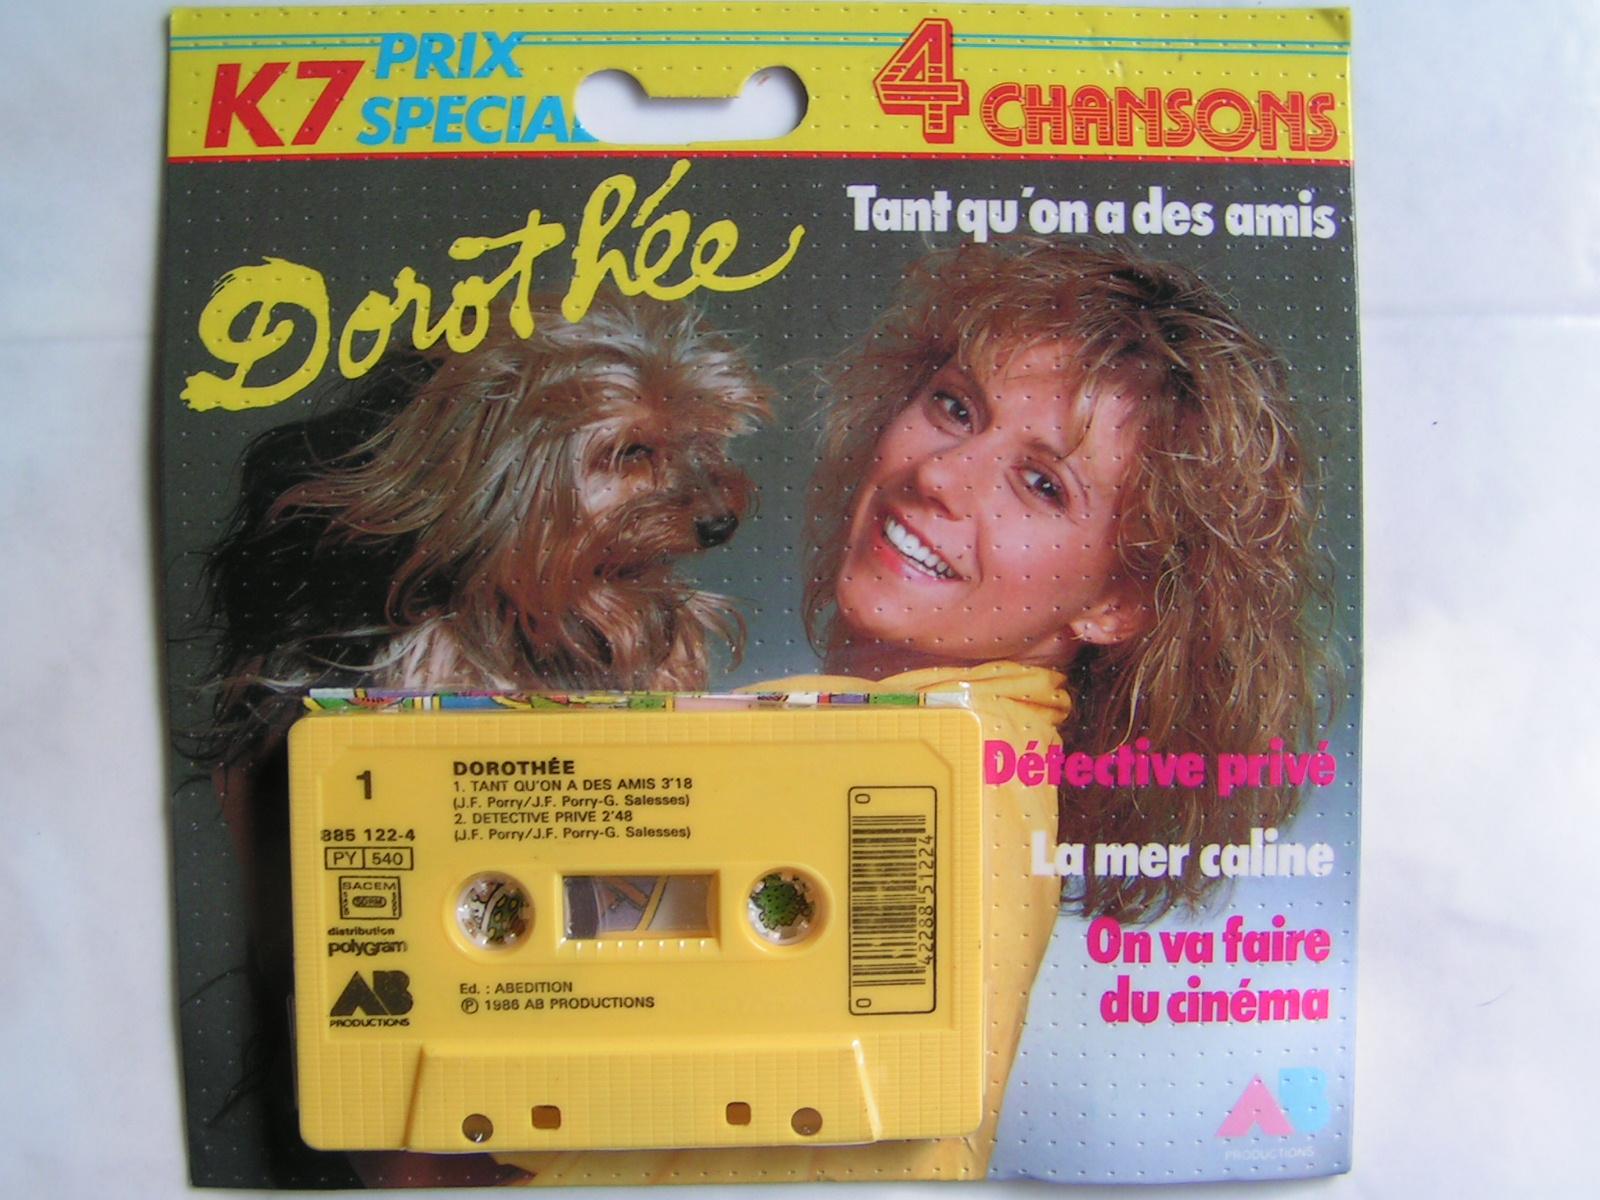 Dorothée et AB Productions Pict0014uy